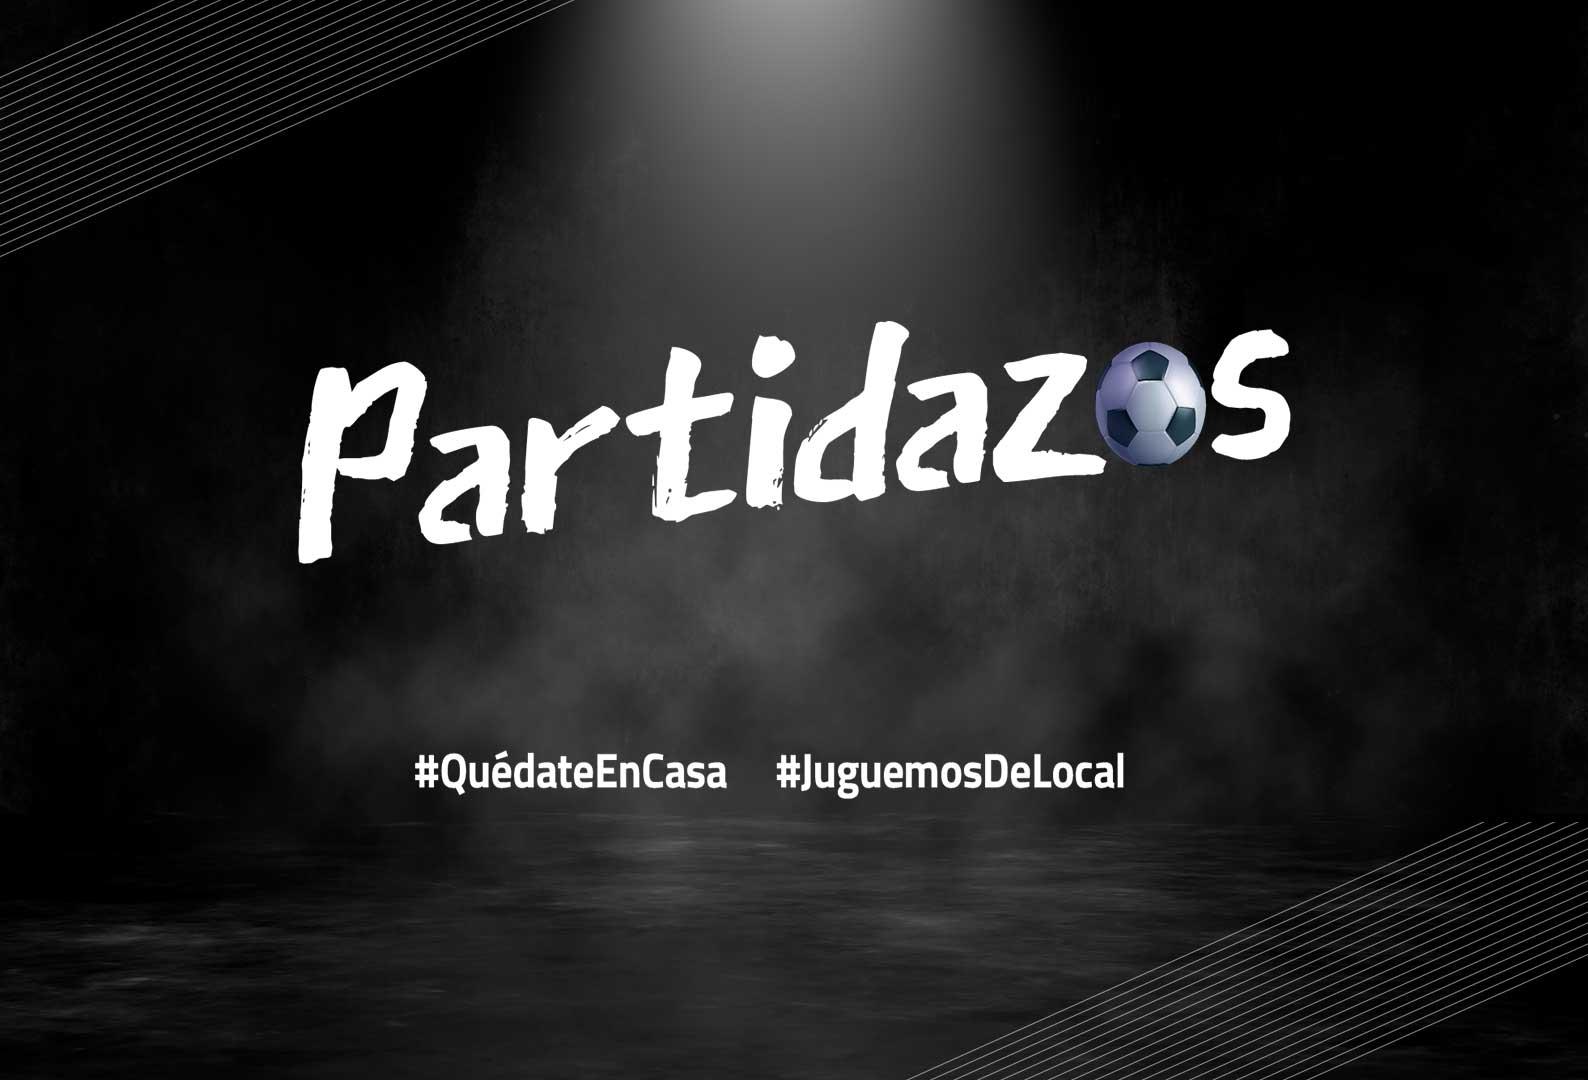 Partidazos: Revive las emociones del Barcelona-LDUQ (2019) por GolTV